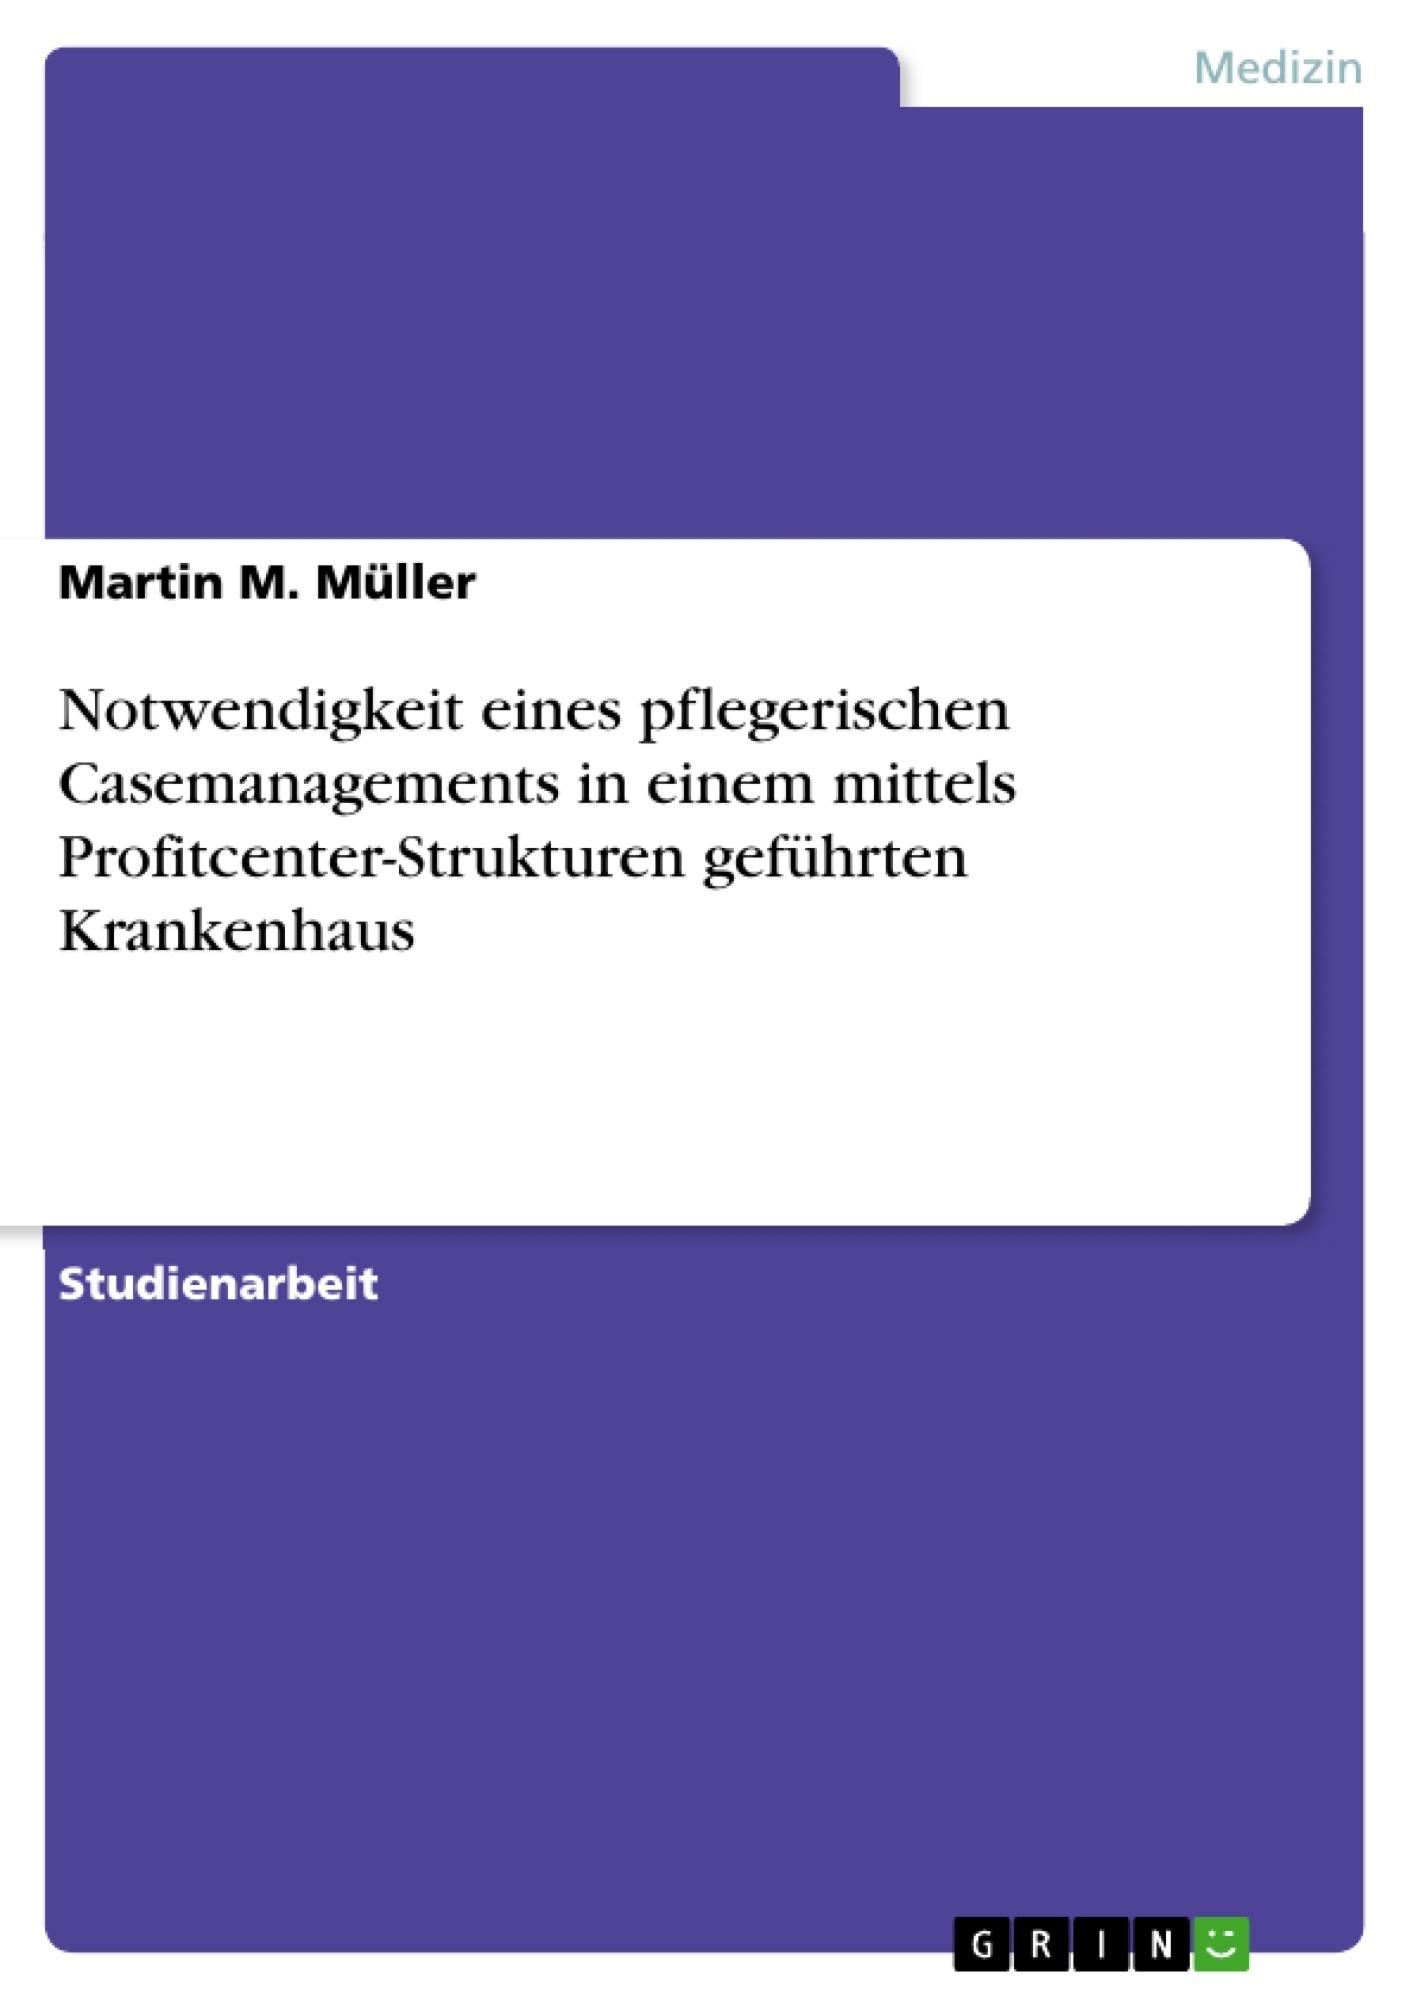 Titel: Notwendigkeit eines pflegerischen Casemanagements in einem mittels Profitcenter-Strukturen geführten Krankenhaus